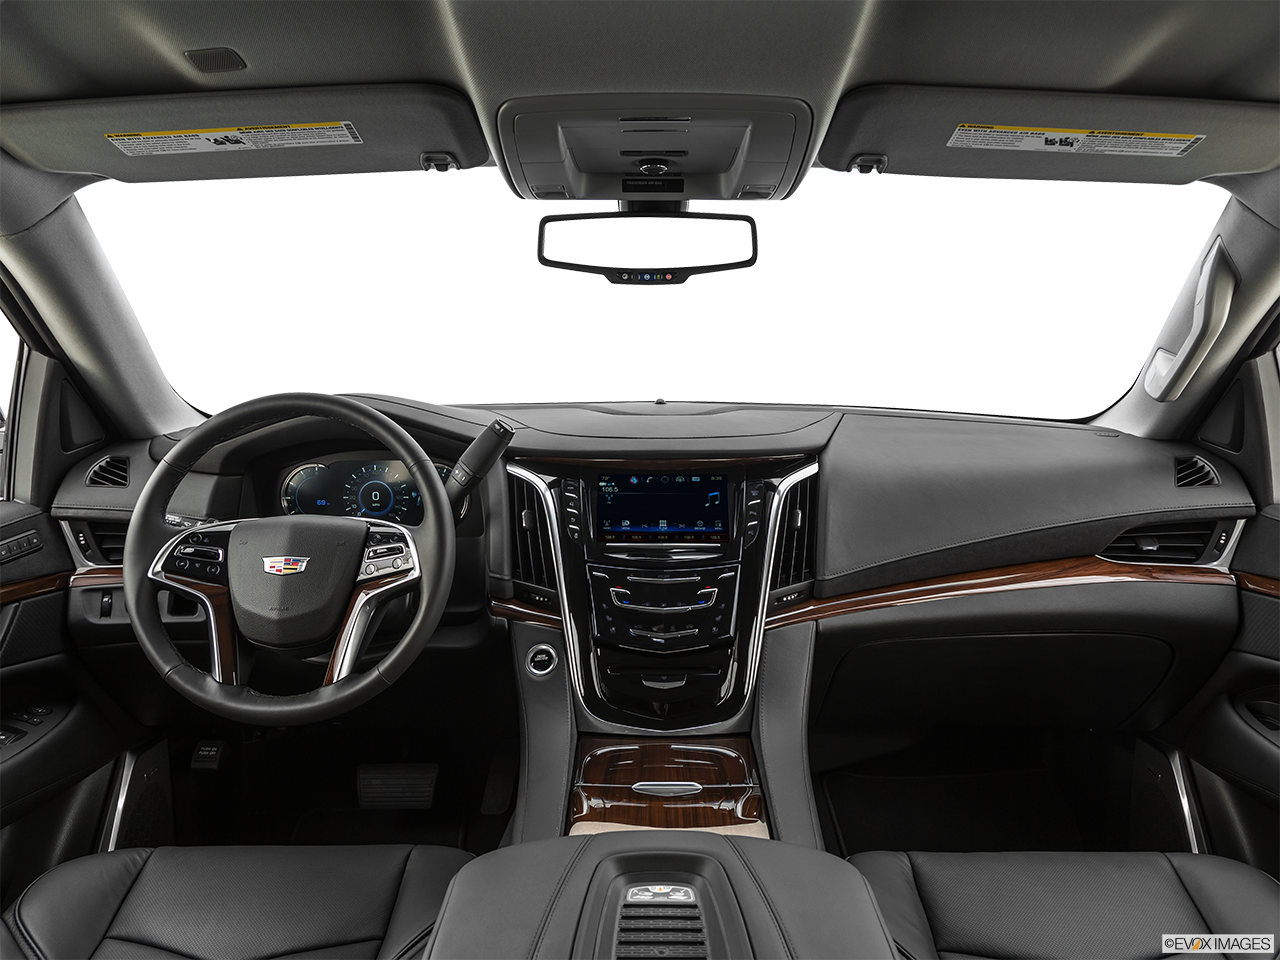 2020 Cadillac Escalade photo